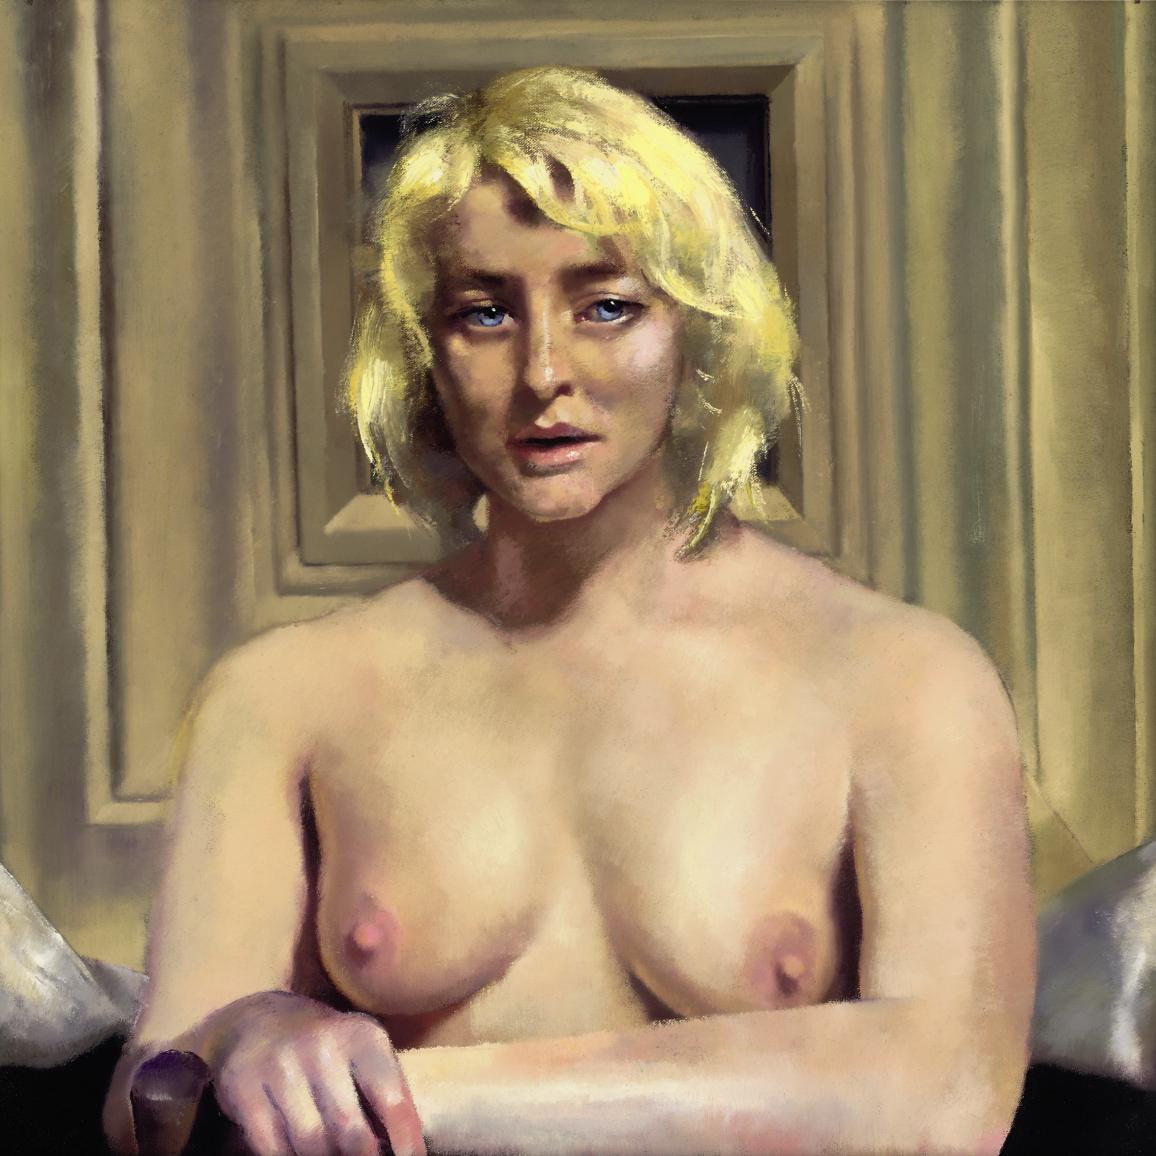 Paula Perring